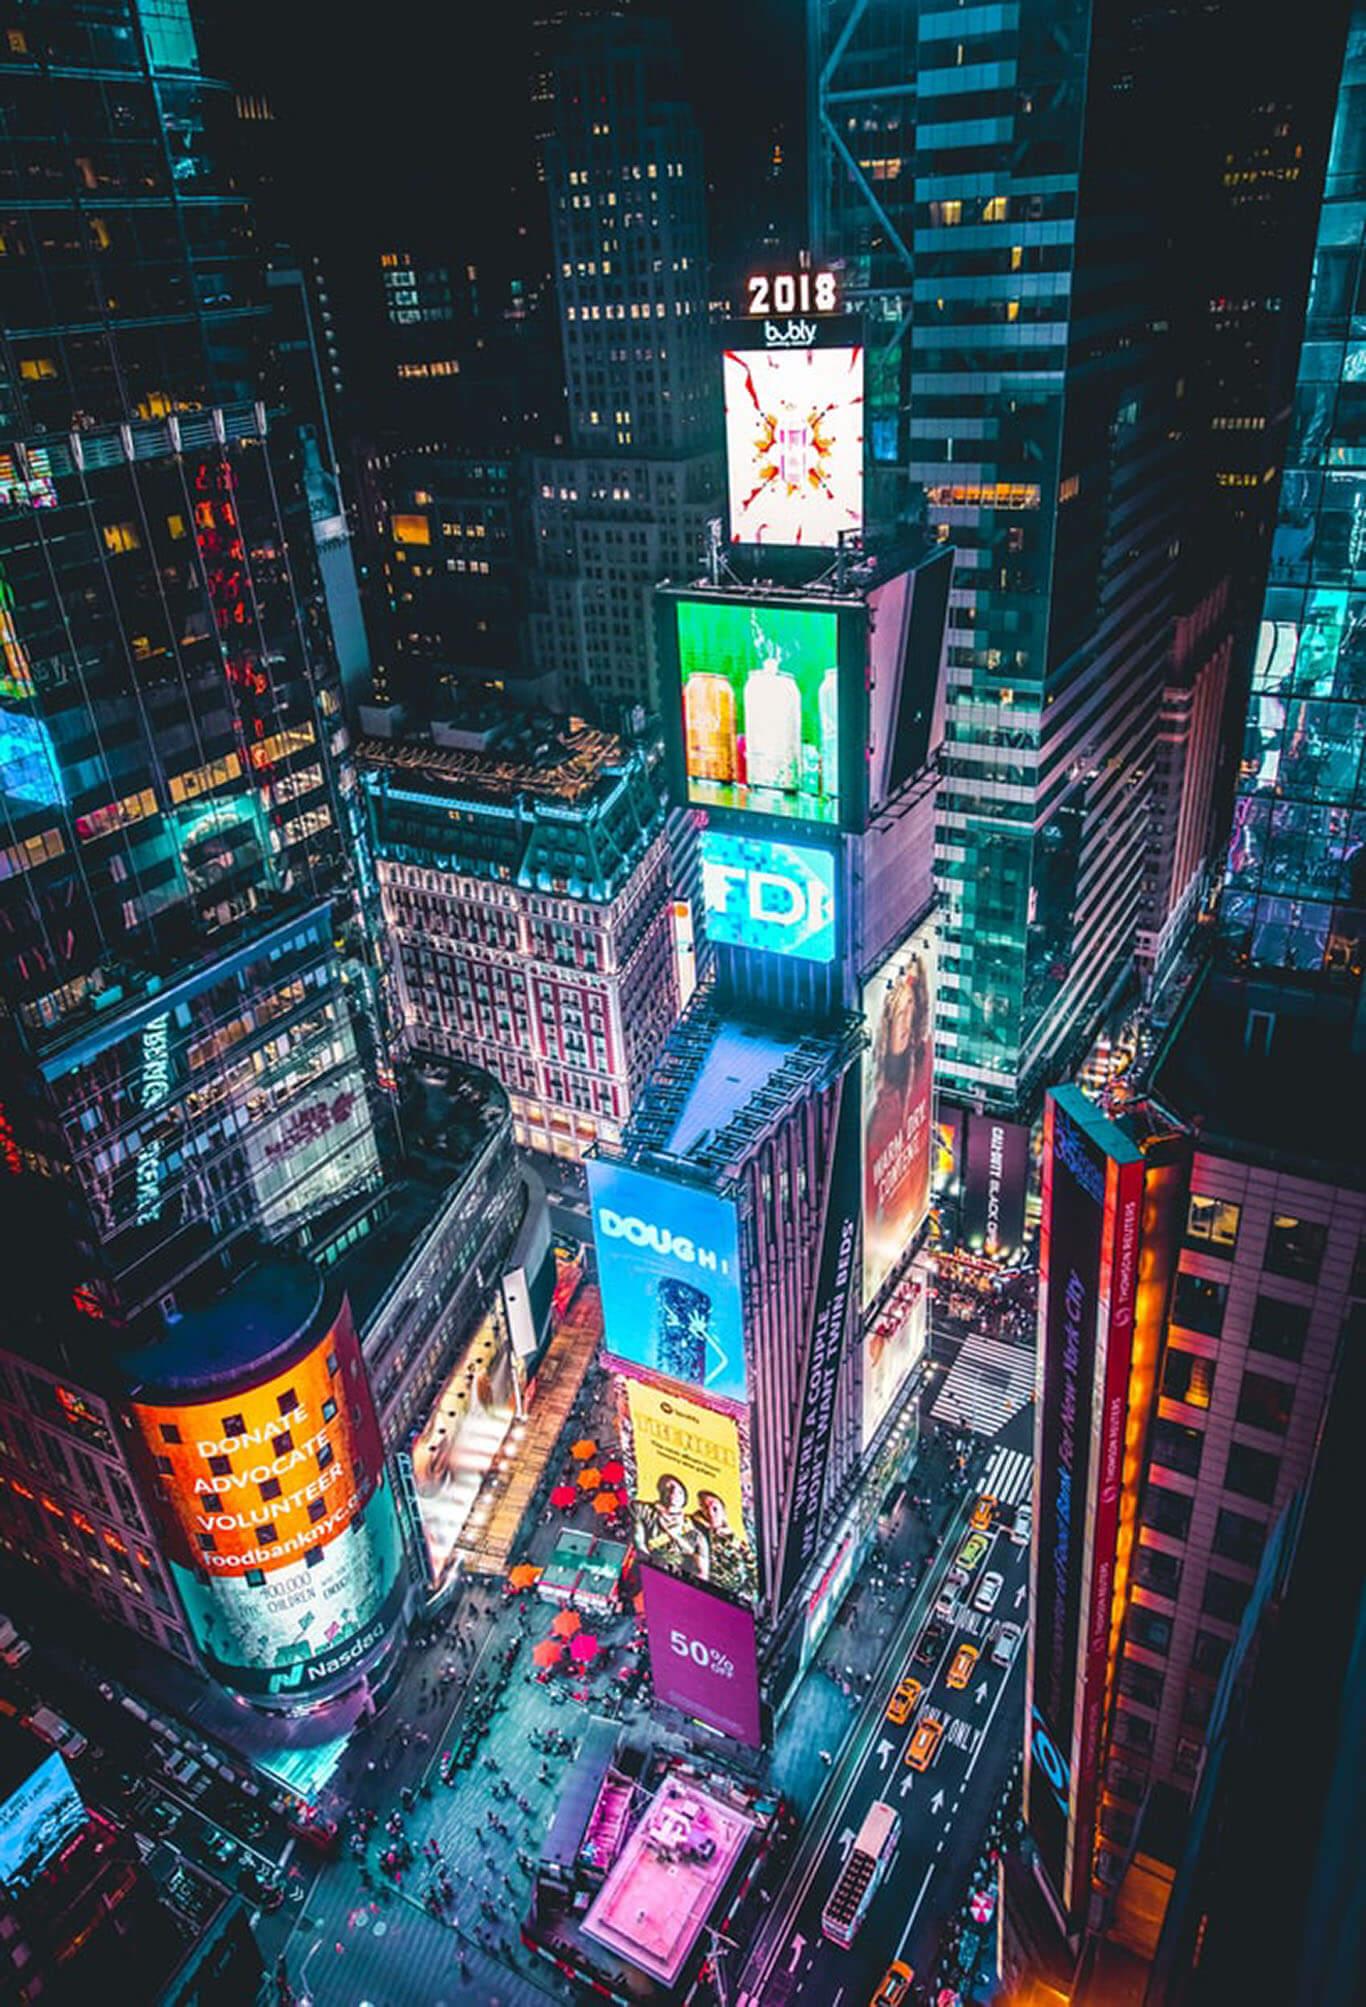 nueva-york-nocturno-rascacielos